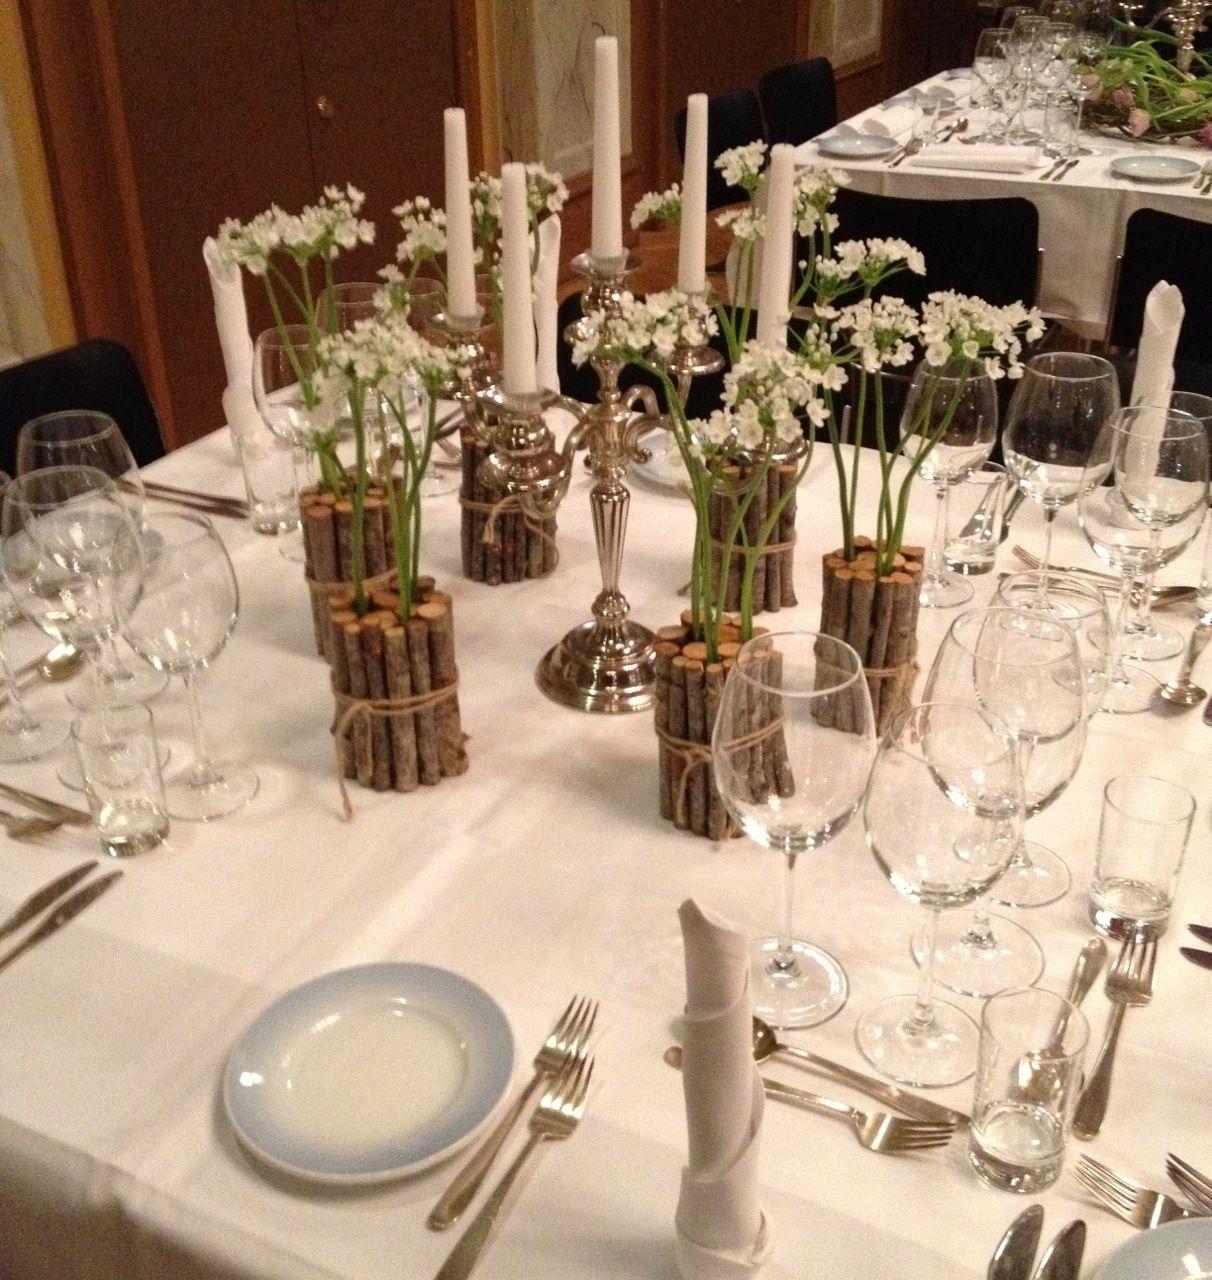 borddekorationer gør meget for borddækningen. Borddekorationer kan mache jeres brudebuket og knaphulsblomst.